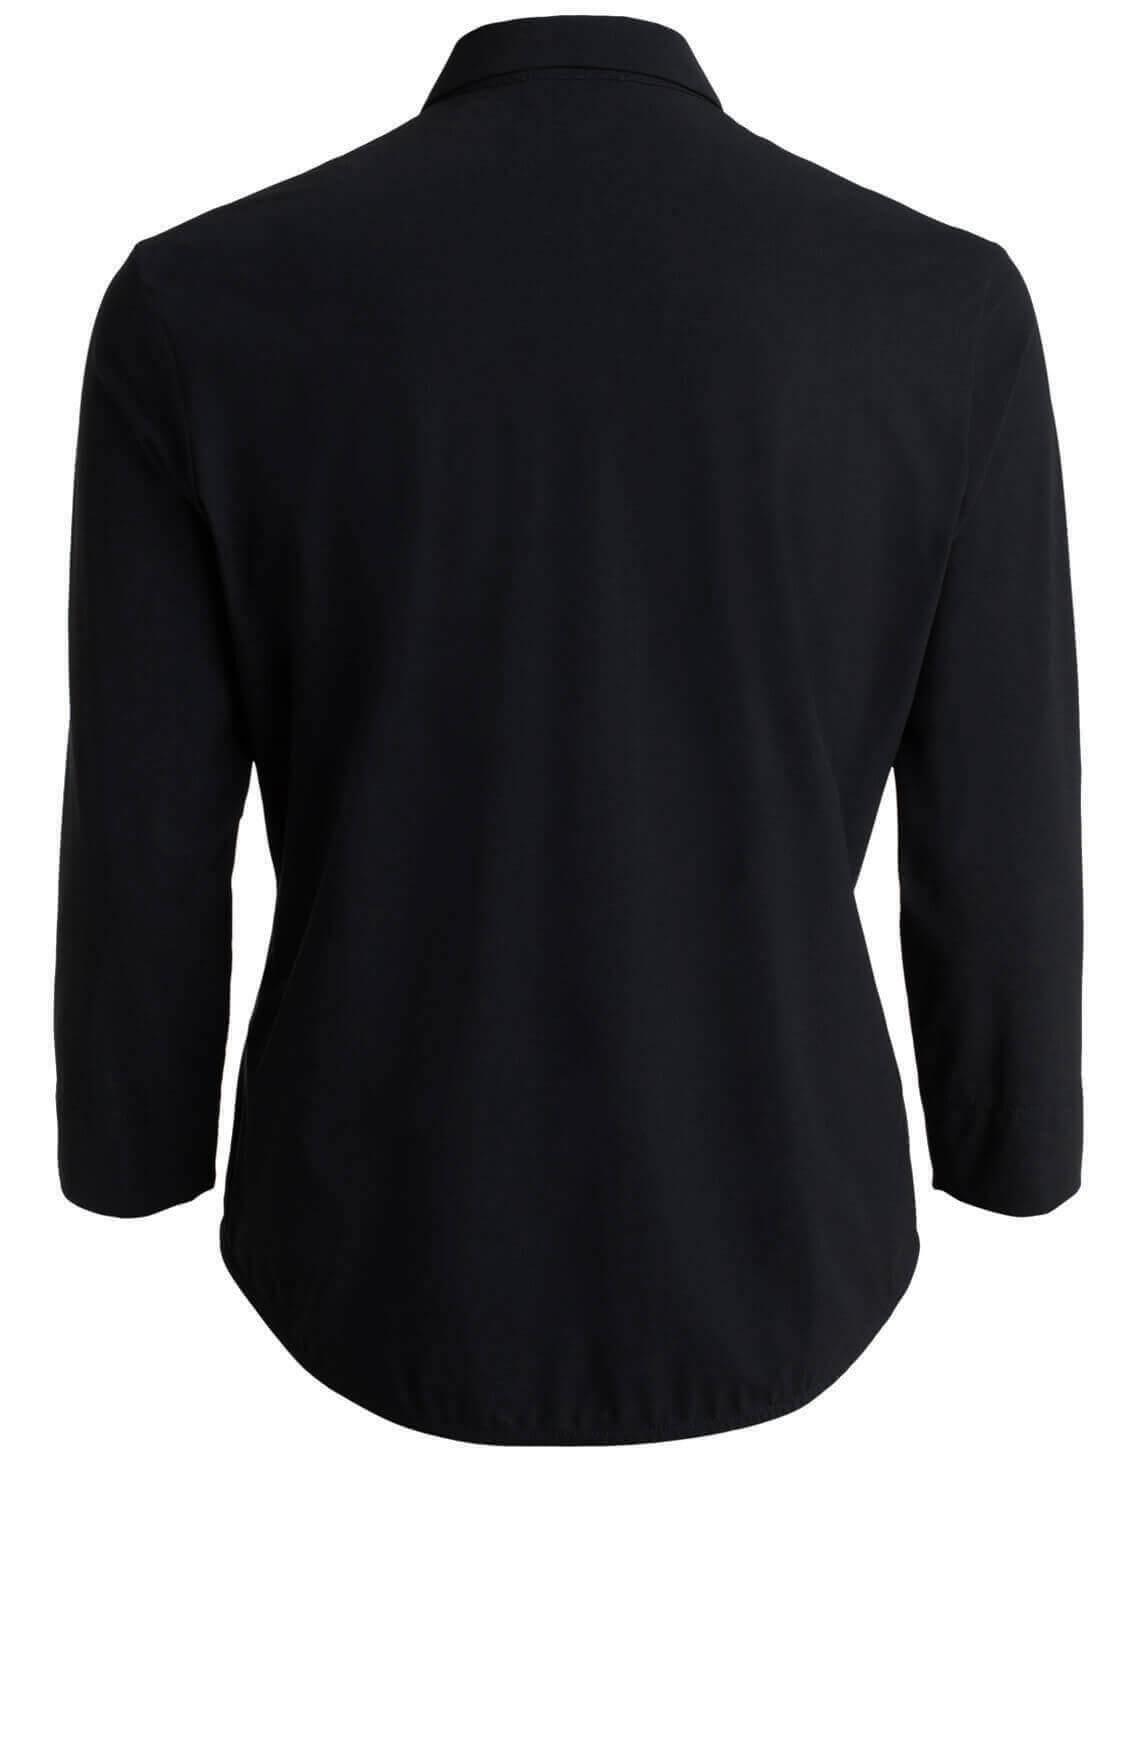 Anna Dames Jersey sensitive blouse zwart